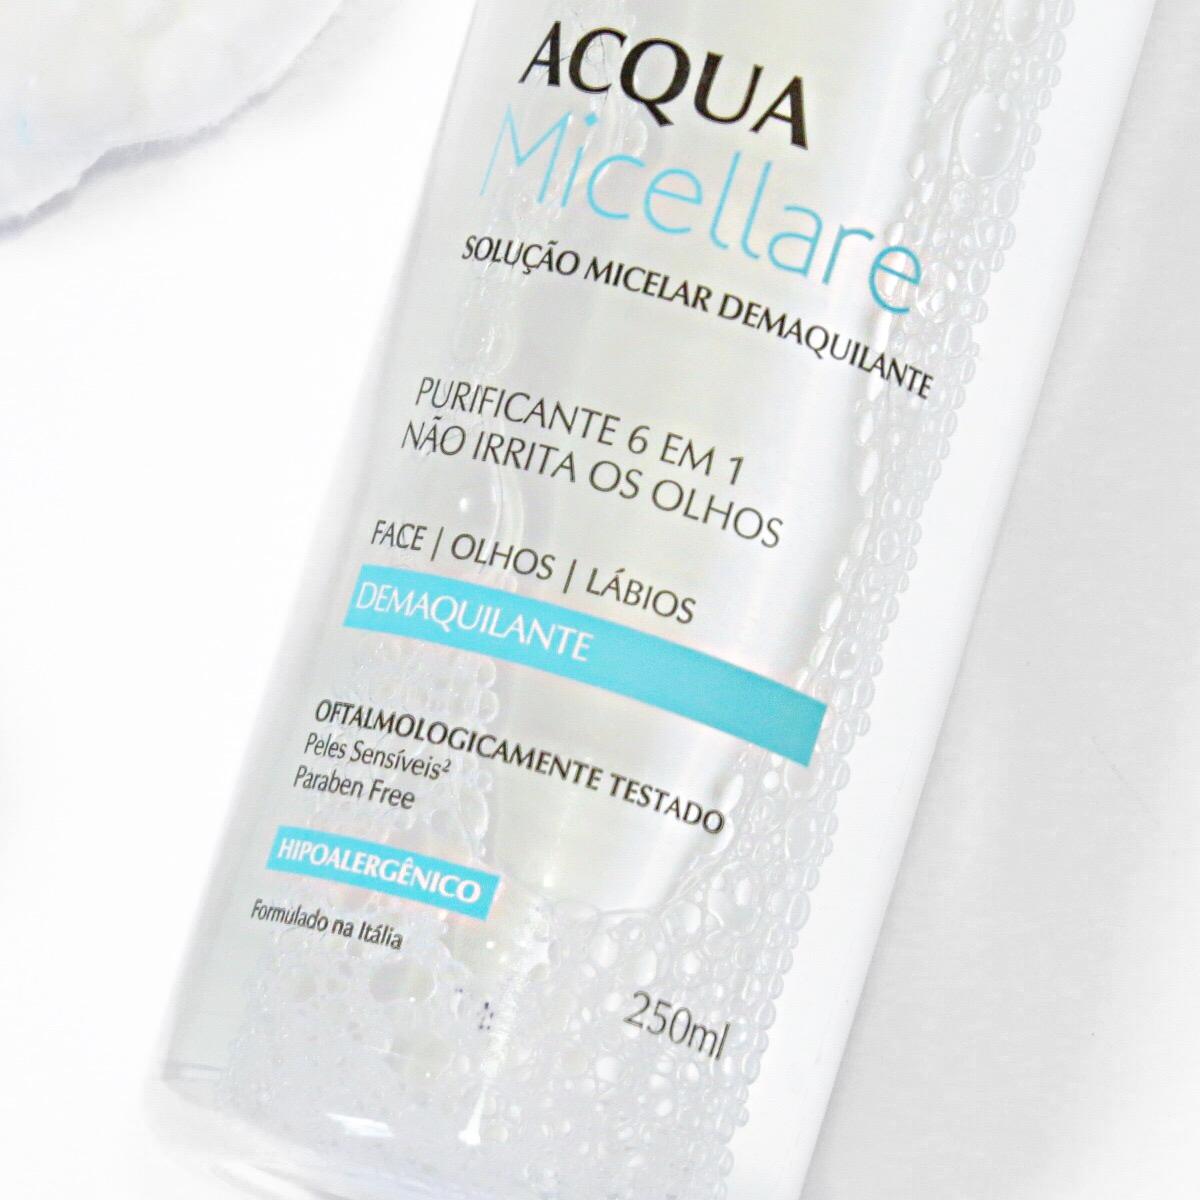 agua micelar demaquilante ada tina acqua micellare